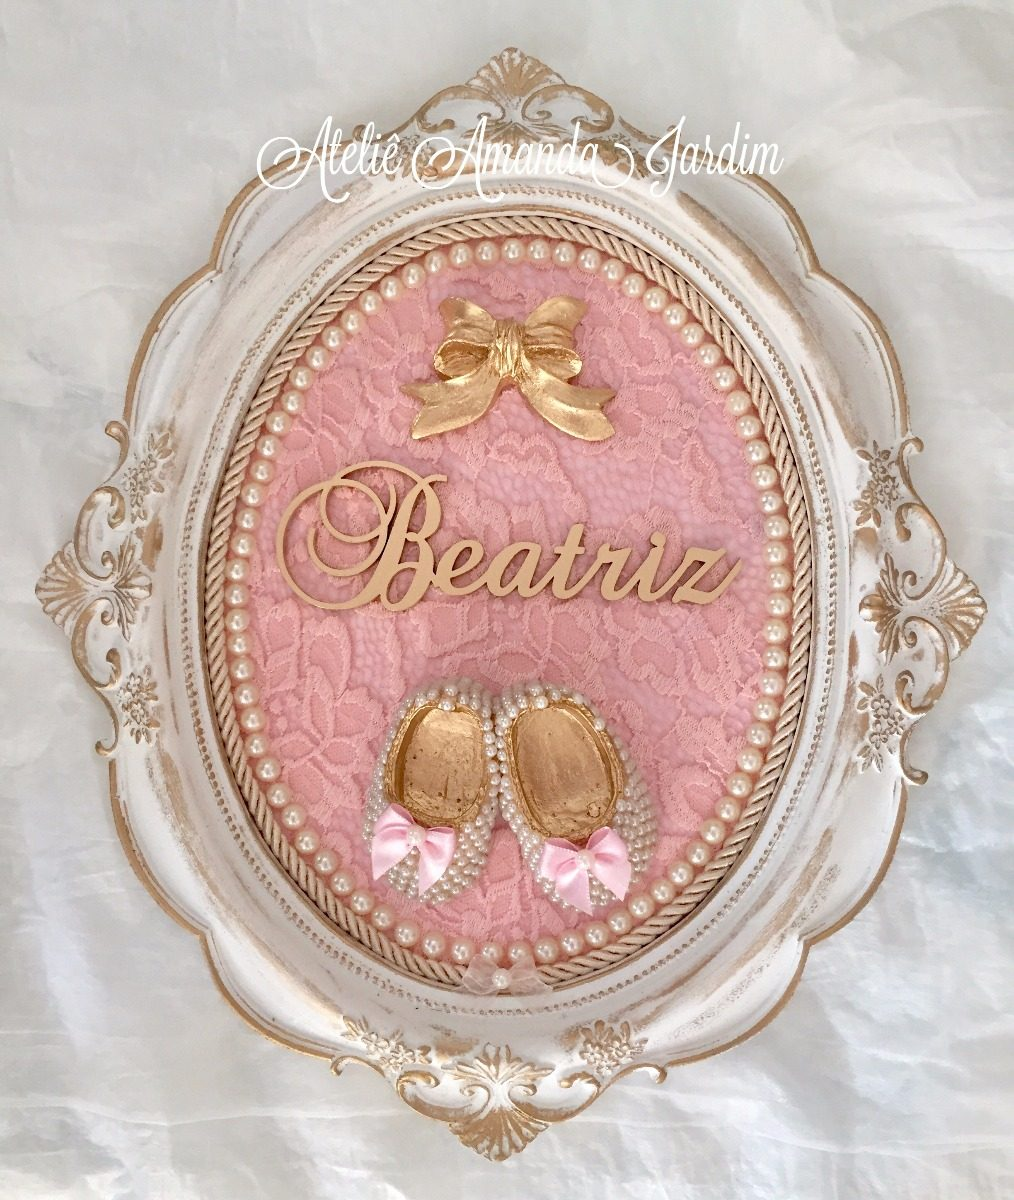 Enfeite De Resina ~ Enfeite De Porta Maternidade E Quarto Do Bebe Moldura Resina R$ 144,90 em Mercado Livre